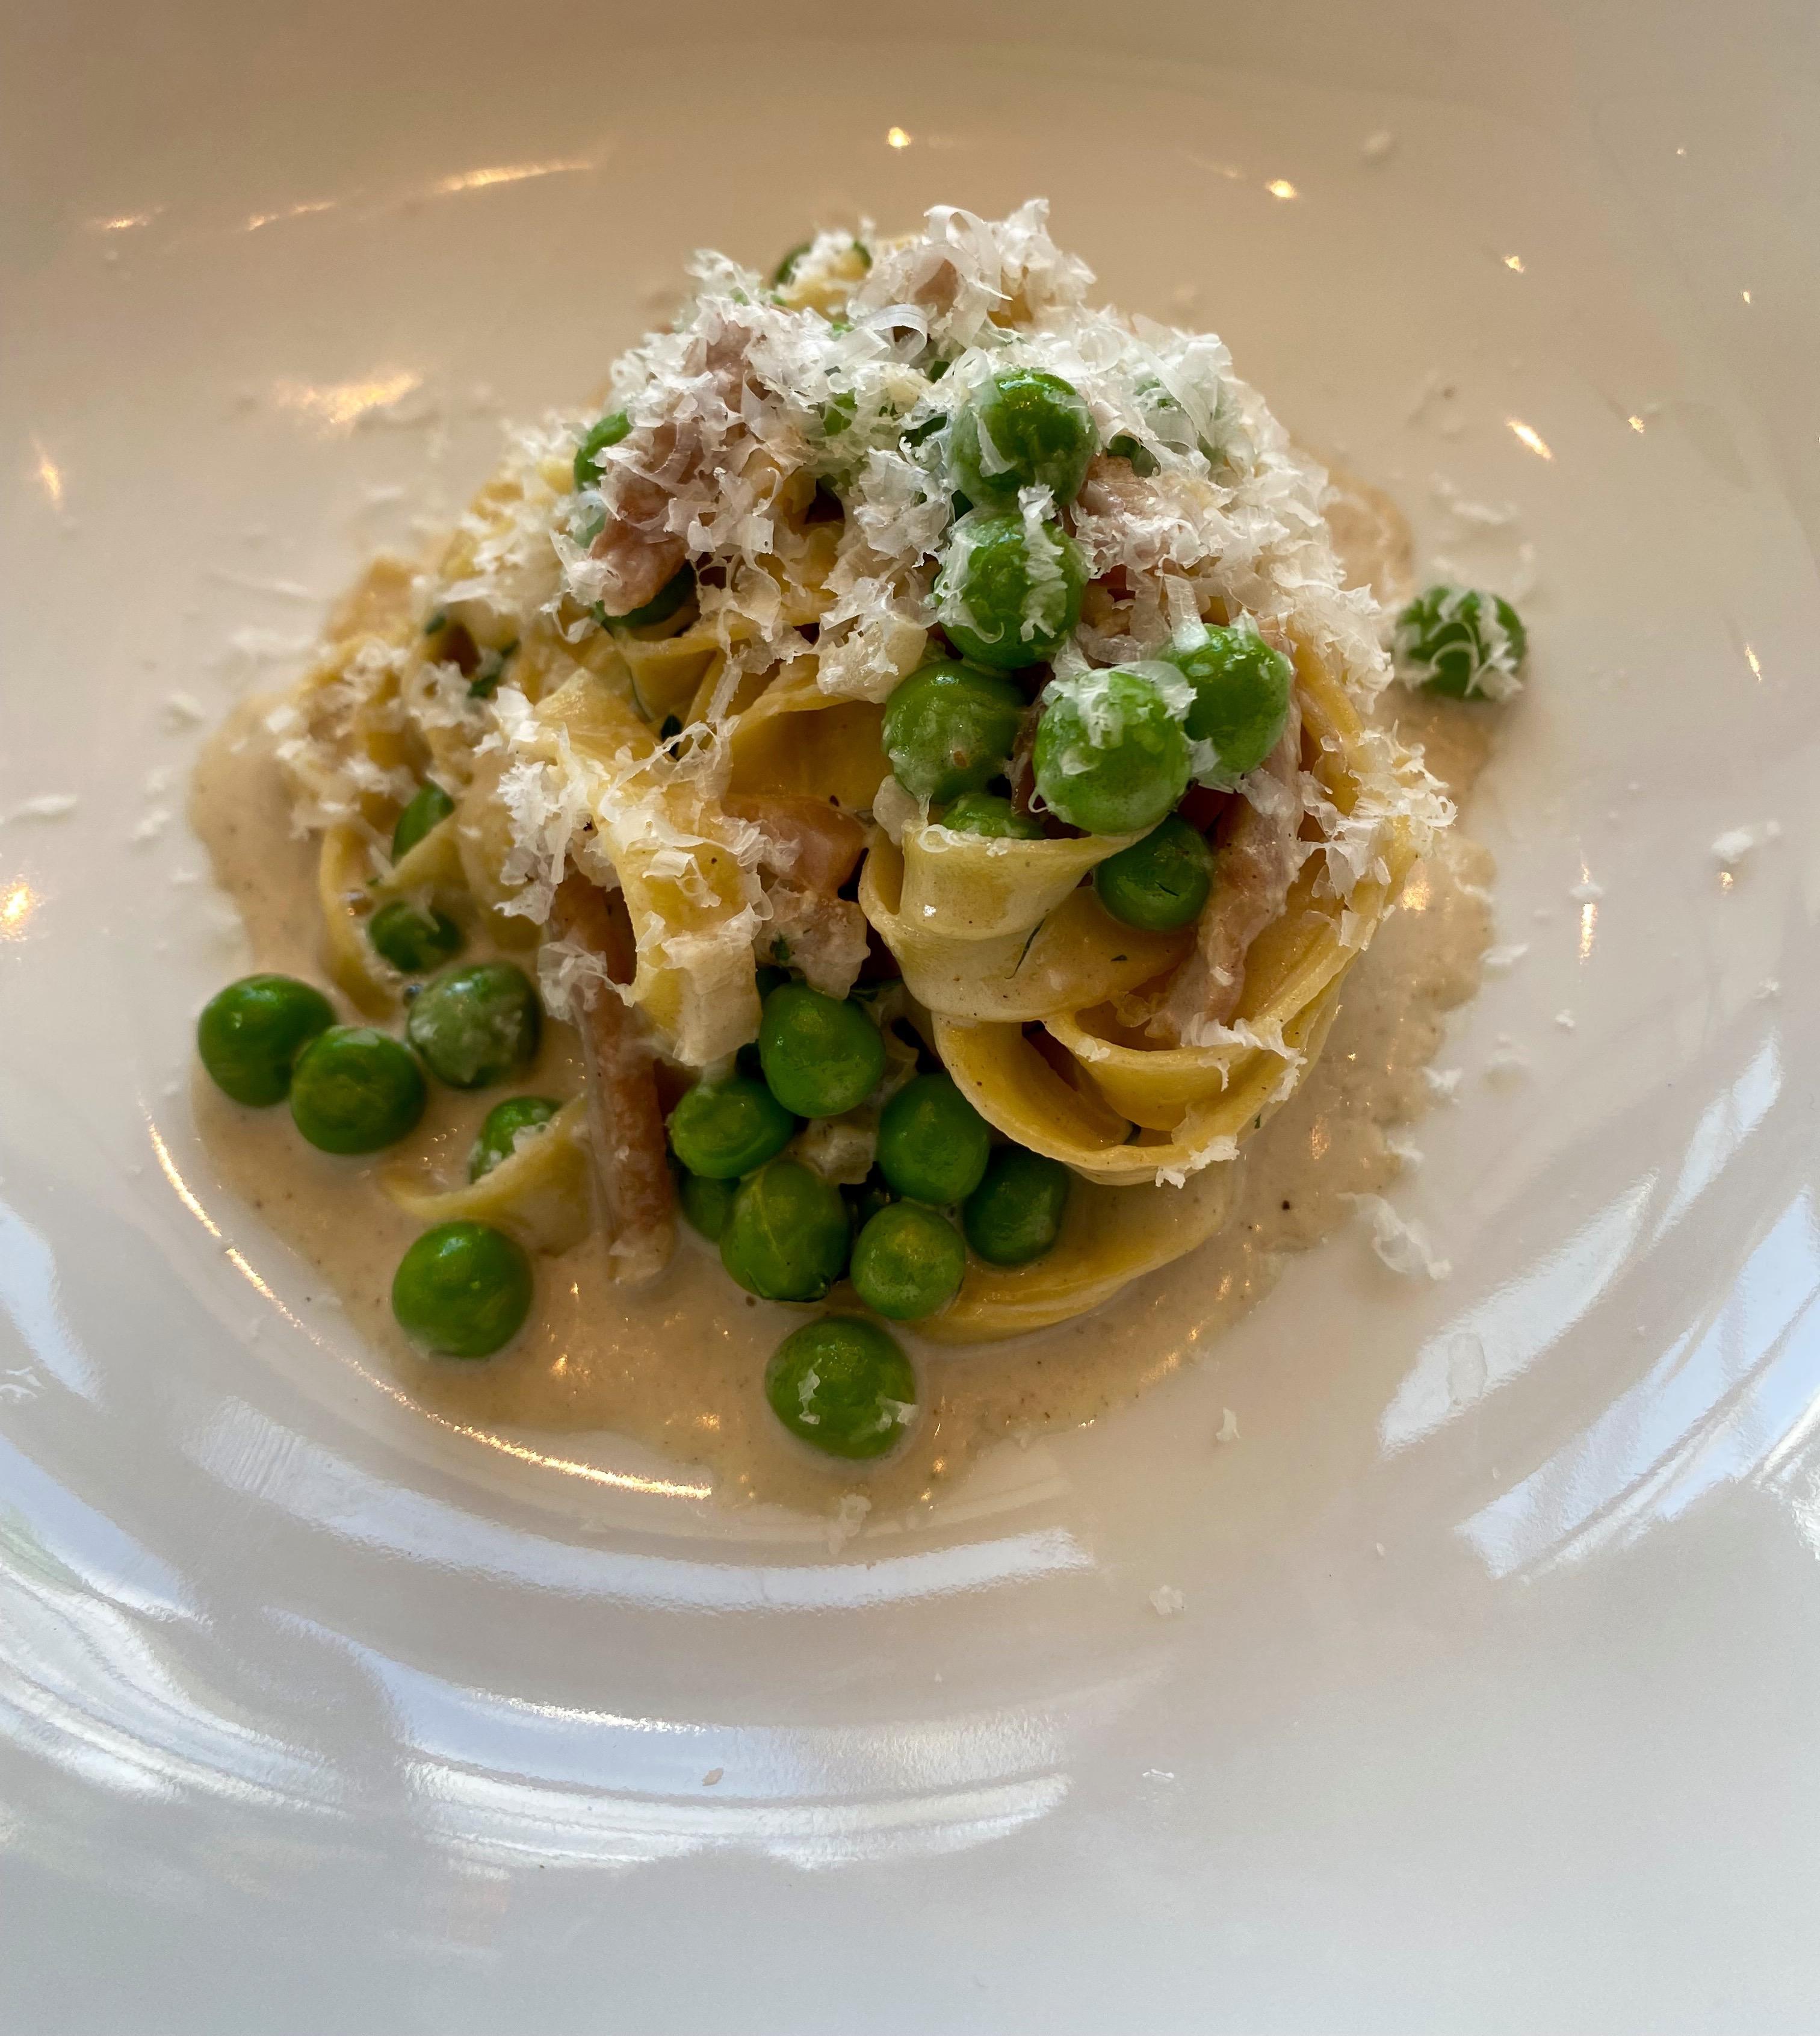 Tagliolini with prosciutto and peas tossed in porcini cream